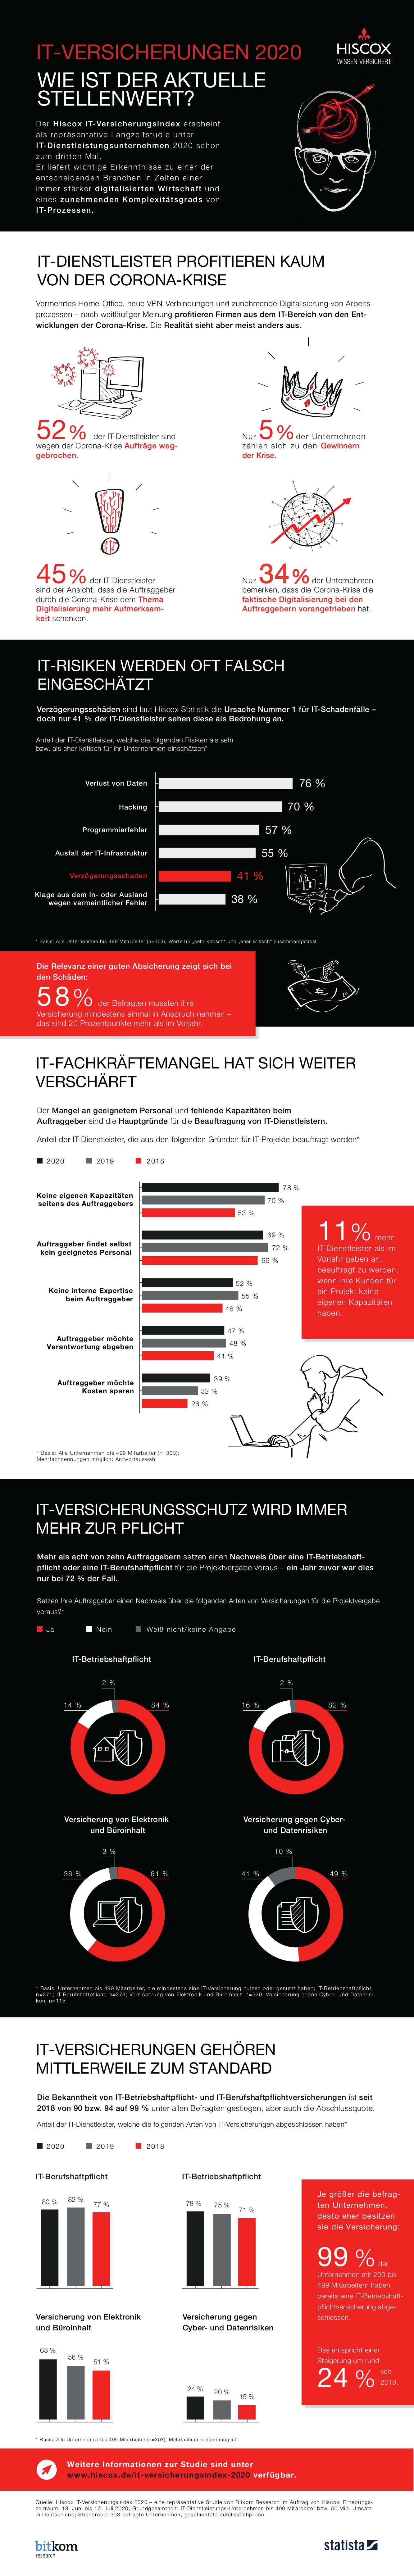 Hiscox IT-Versicherungsindex2020 Infografik